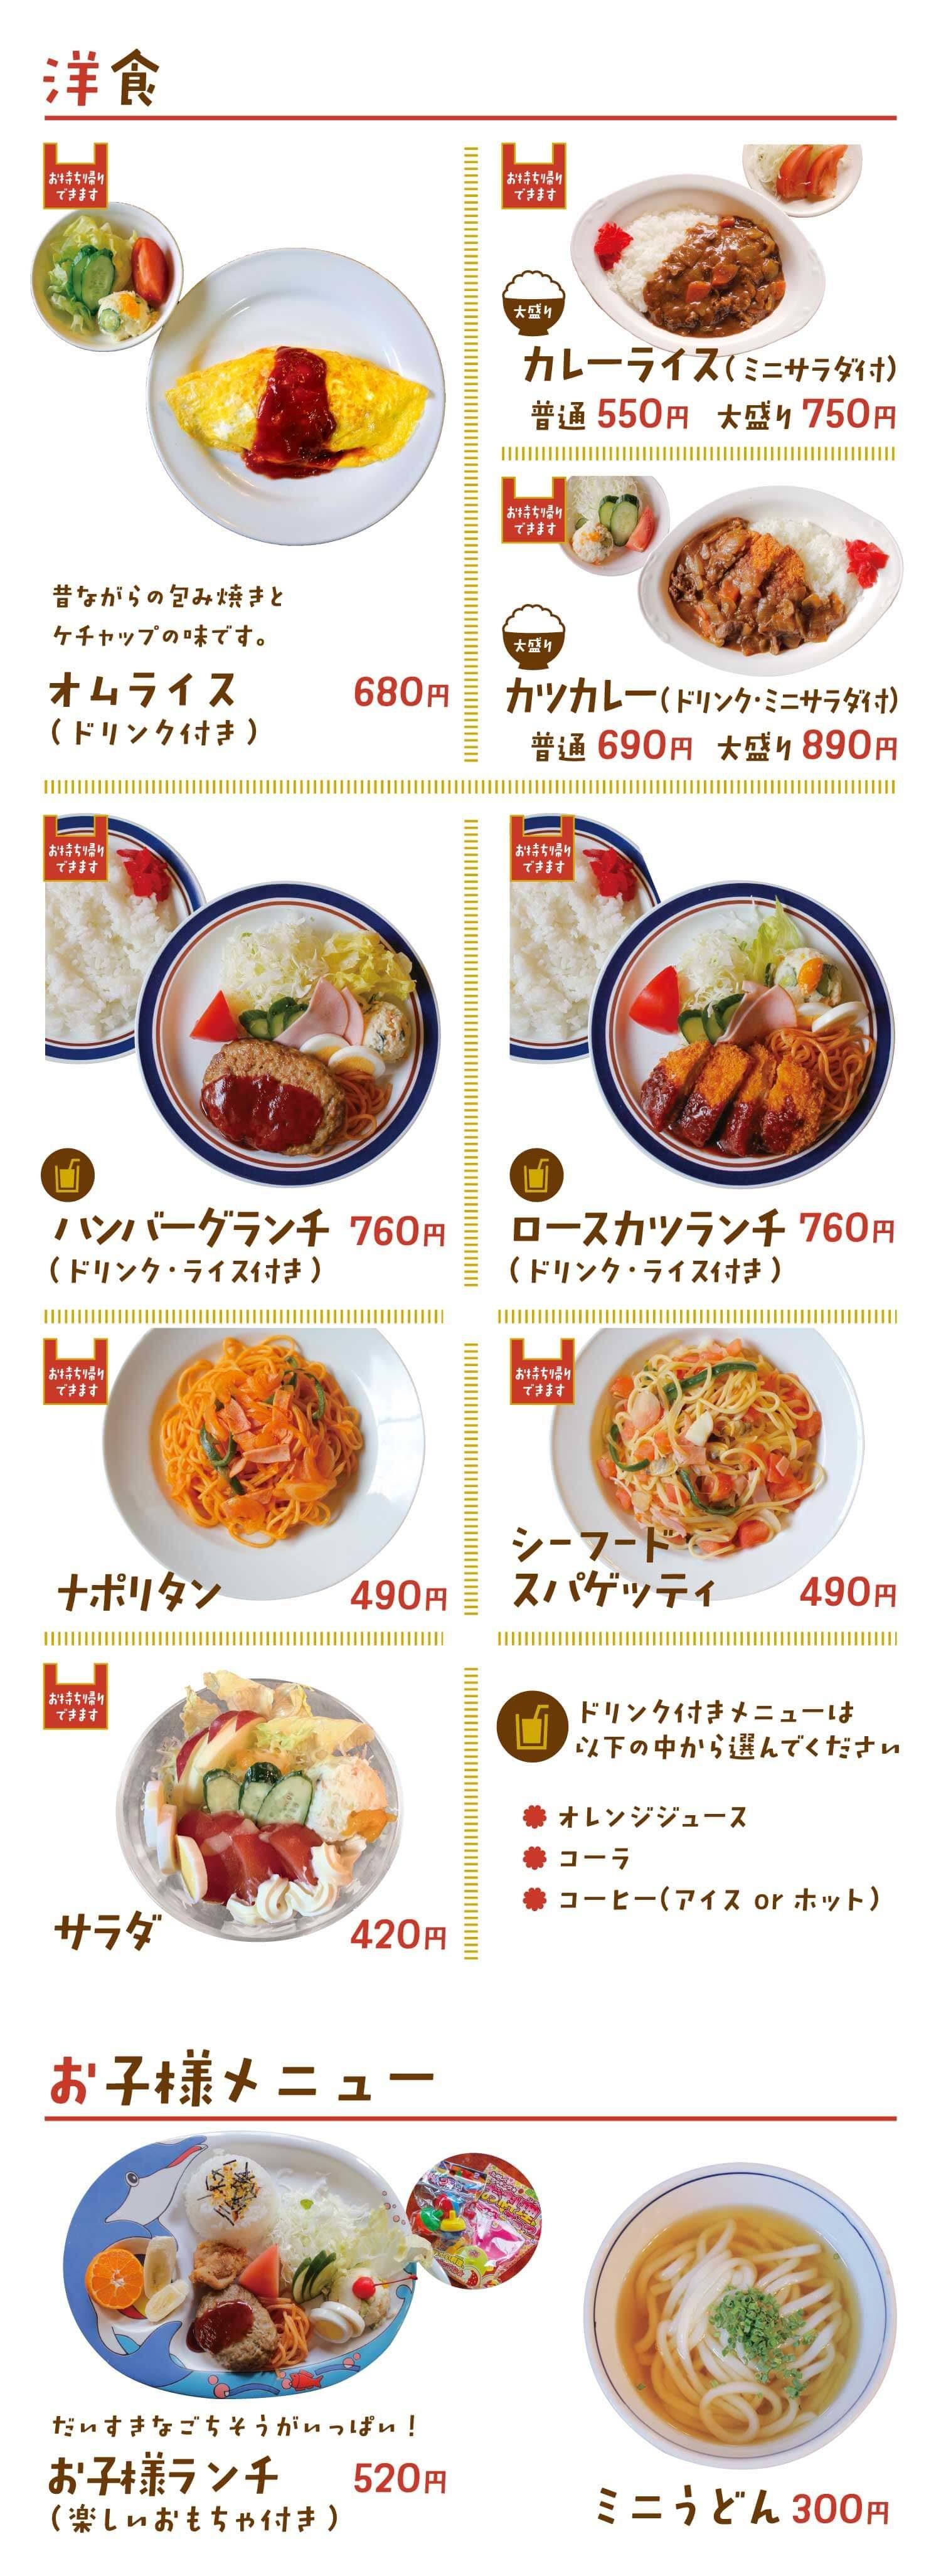 洋食メニュー表